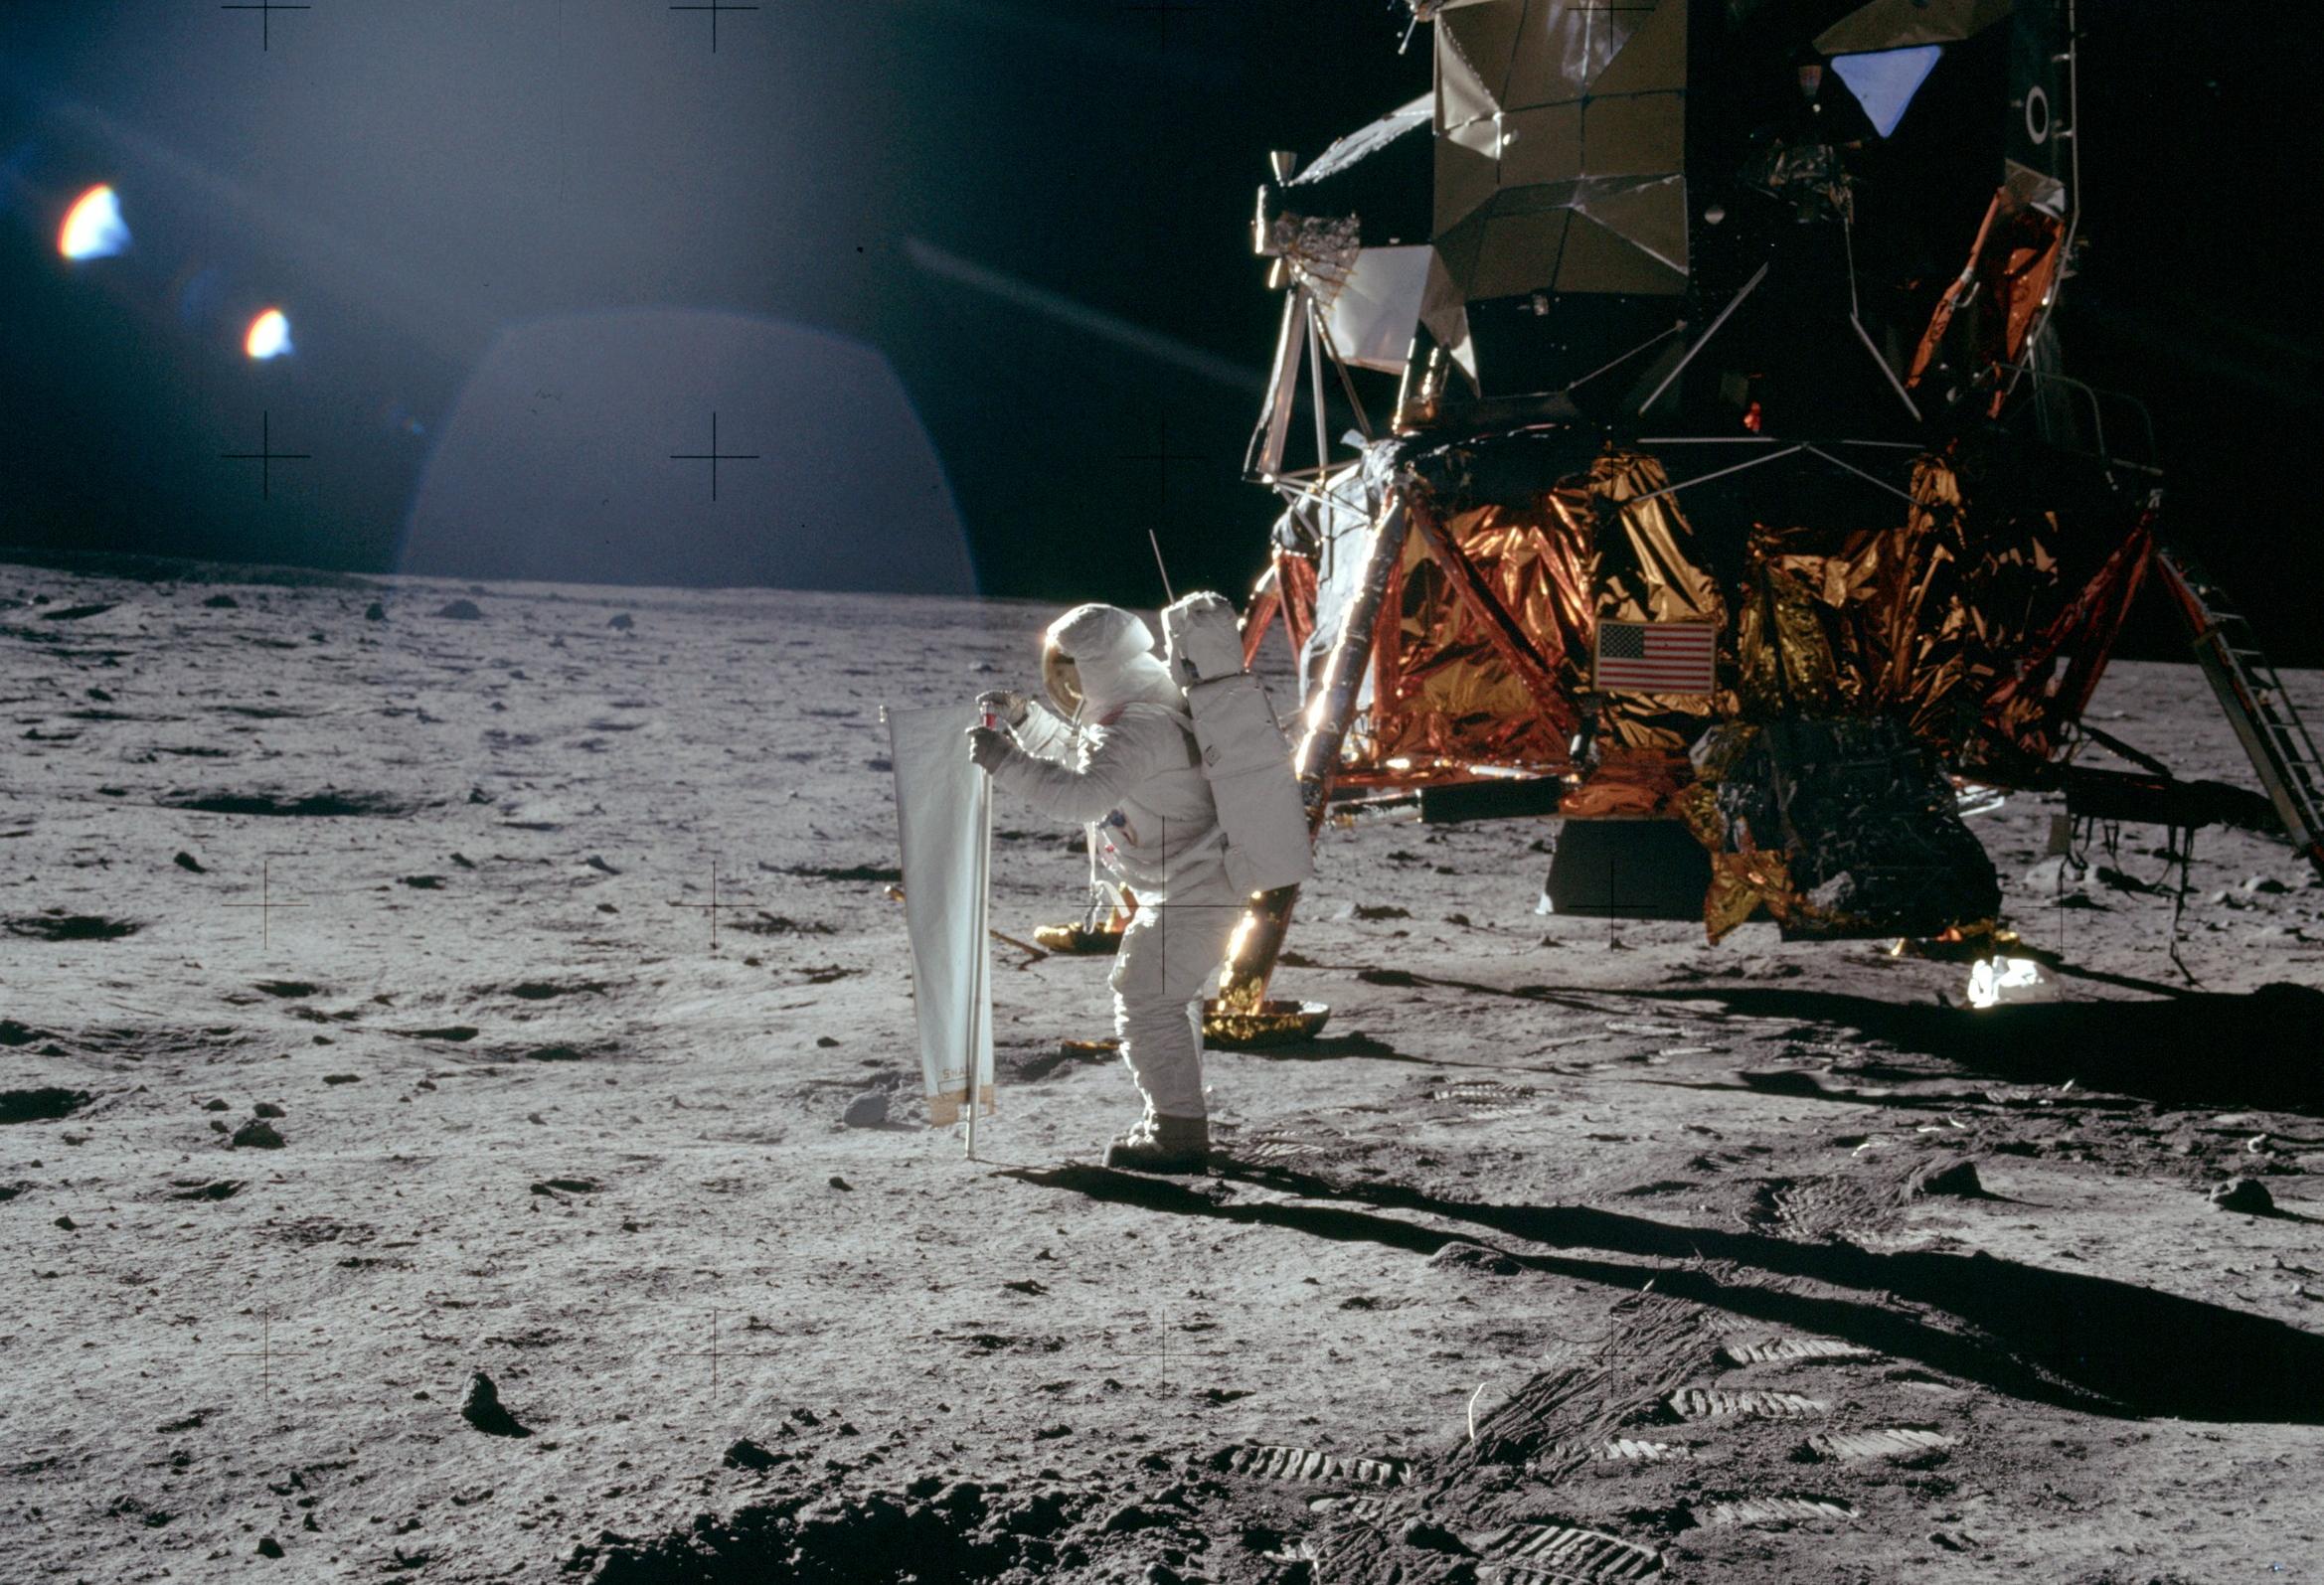 """В ходе миссии """"Аполлон-11"""" американские астронавты стали первыми людьми, ступившими на Луну / NASA"""